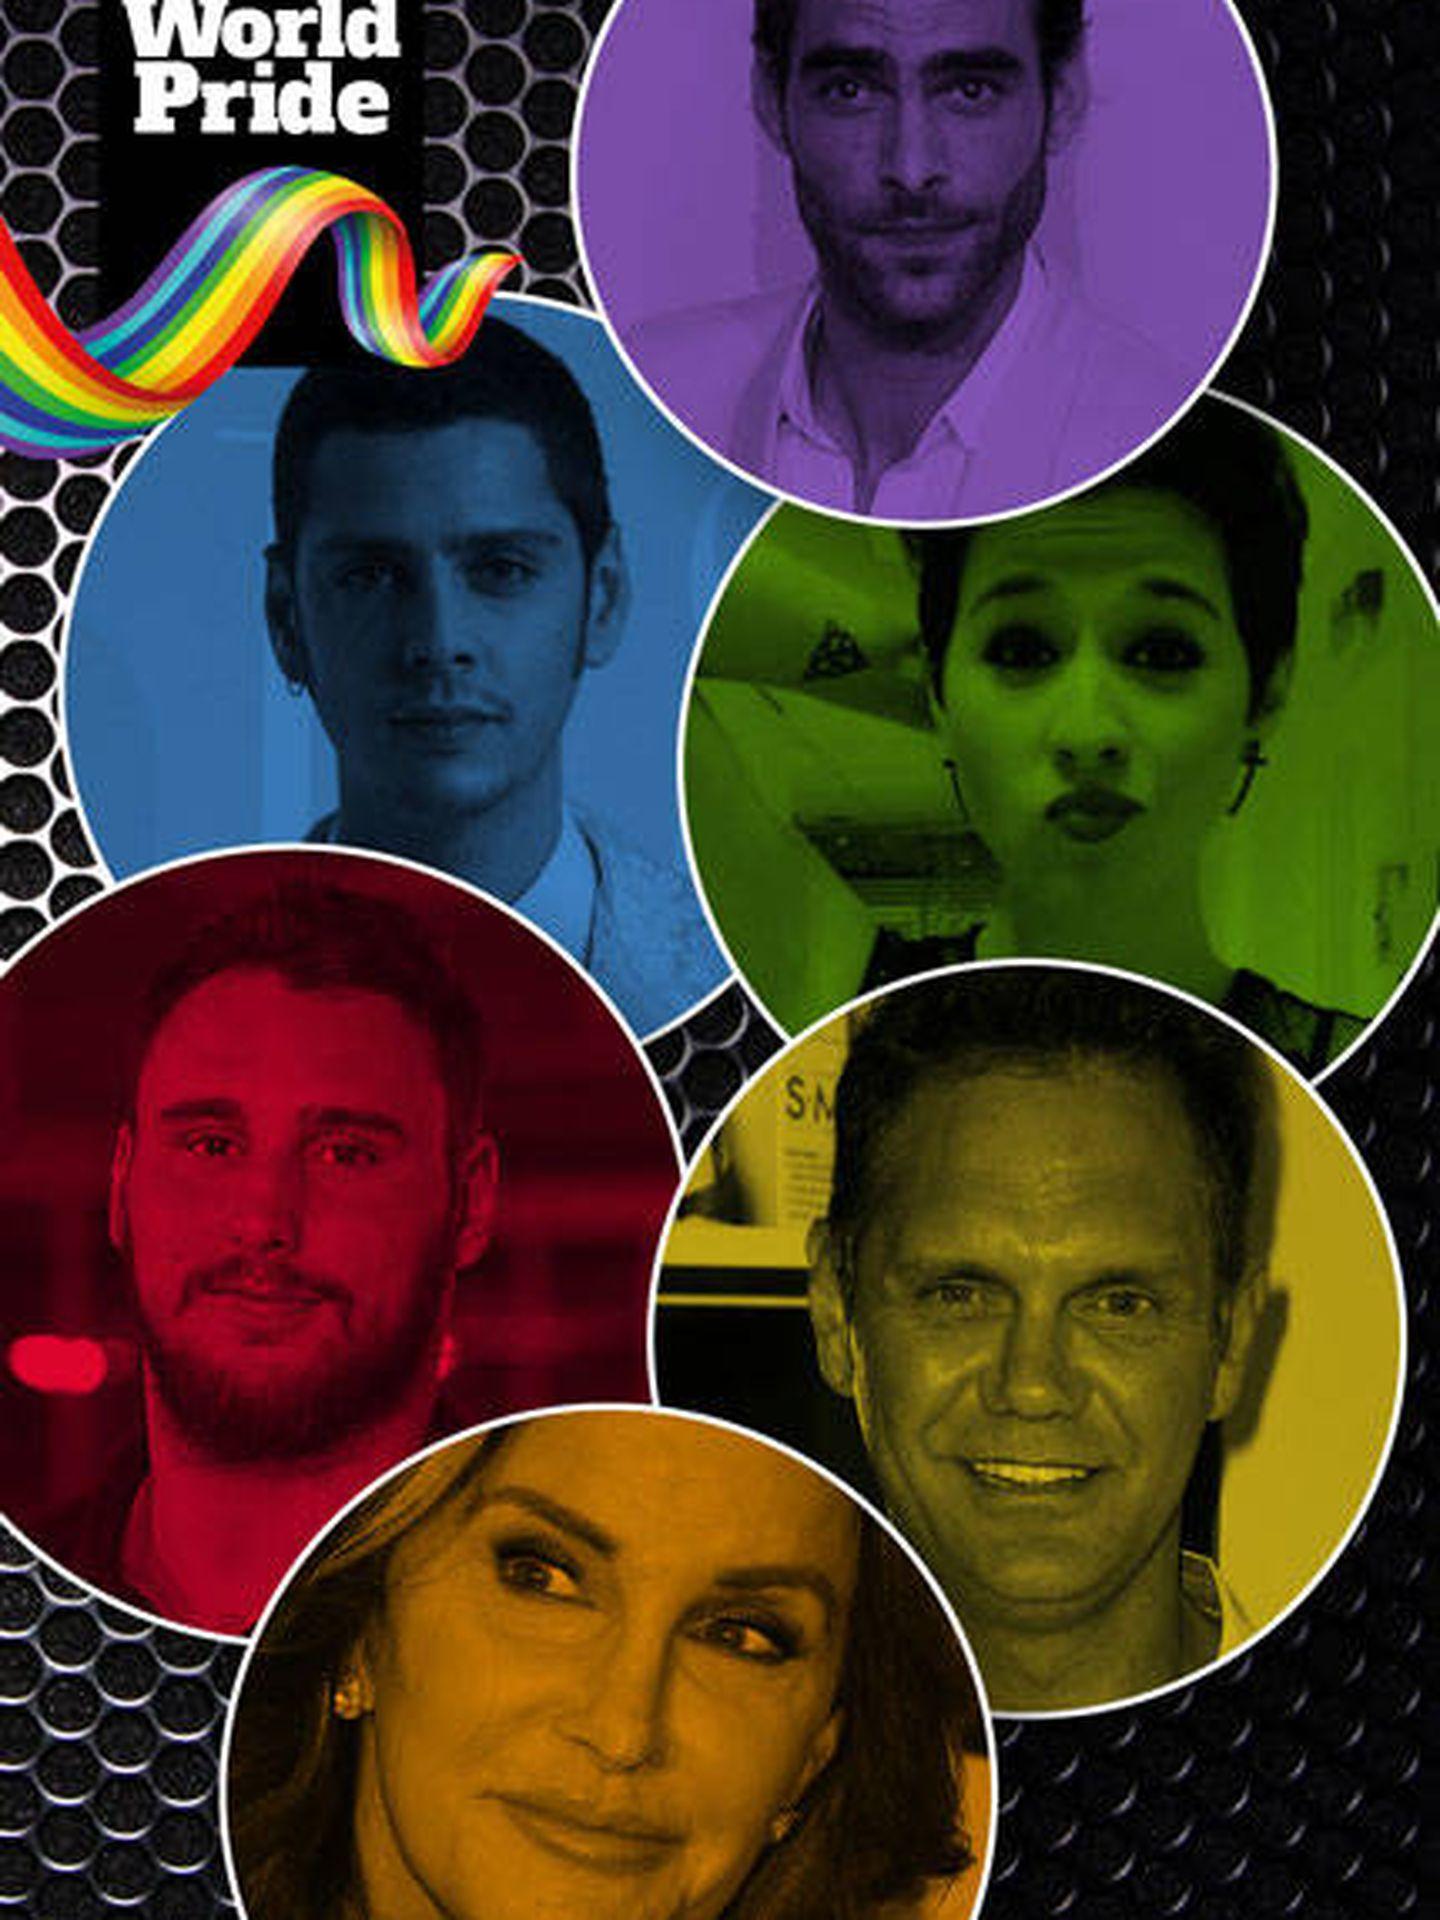 Orgullo LGTBI 2017